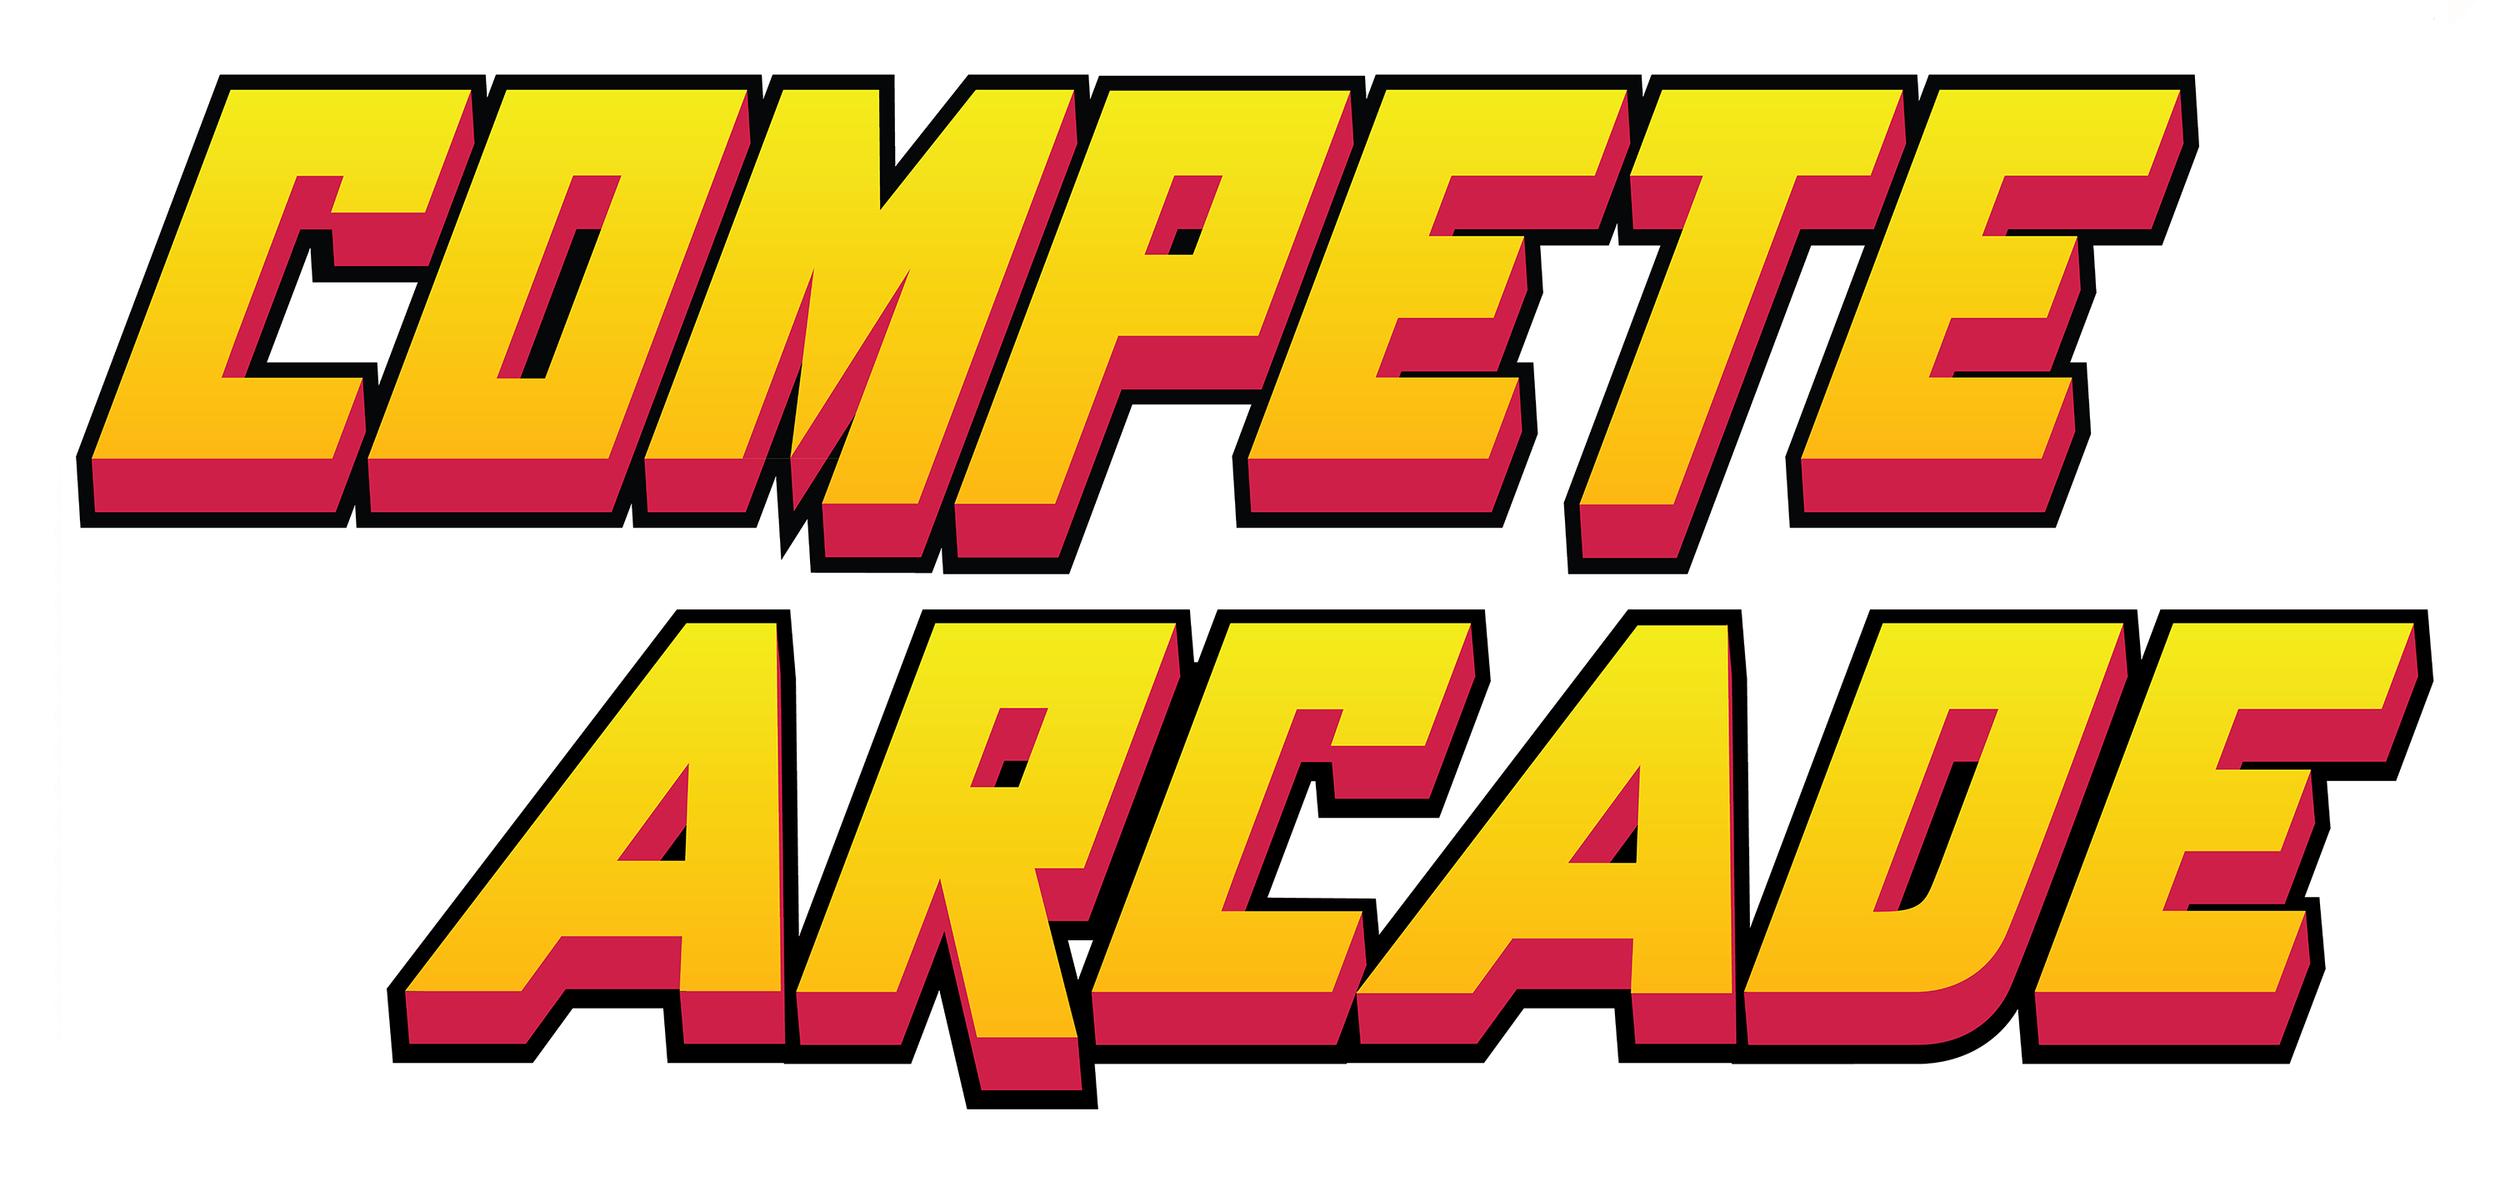 Arcade Decal Printout.png